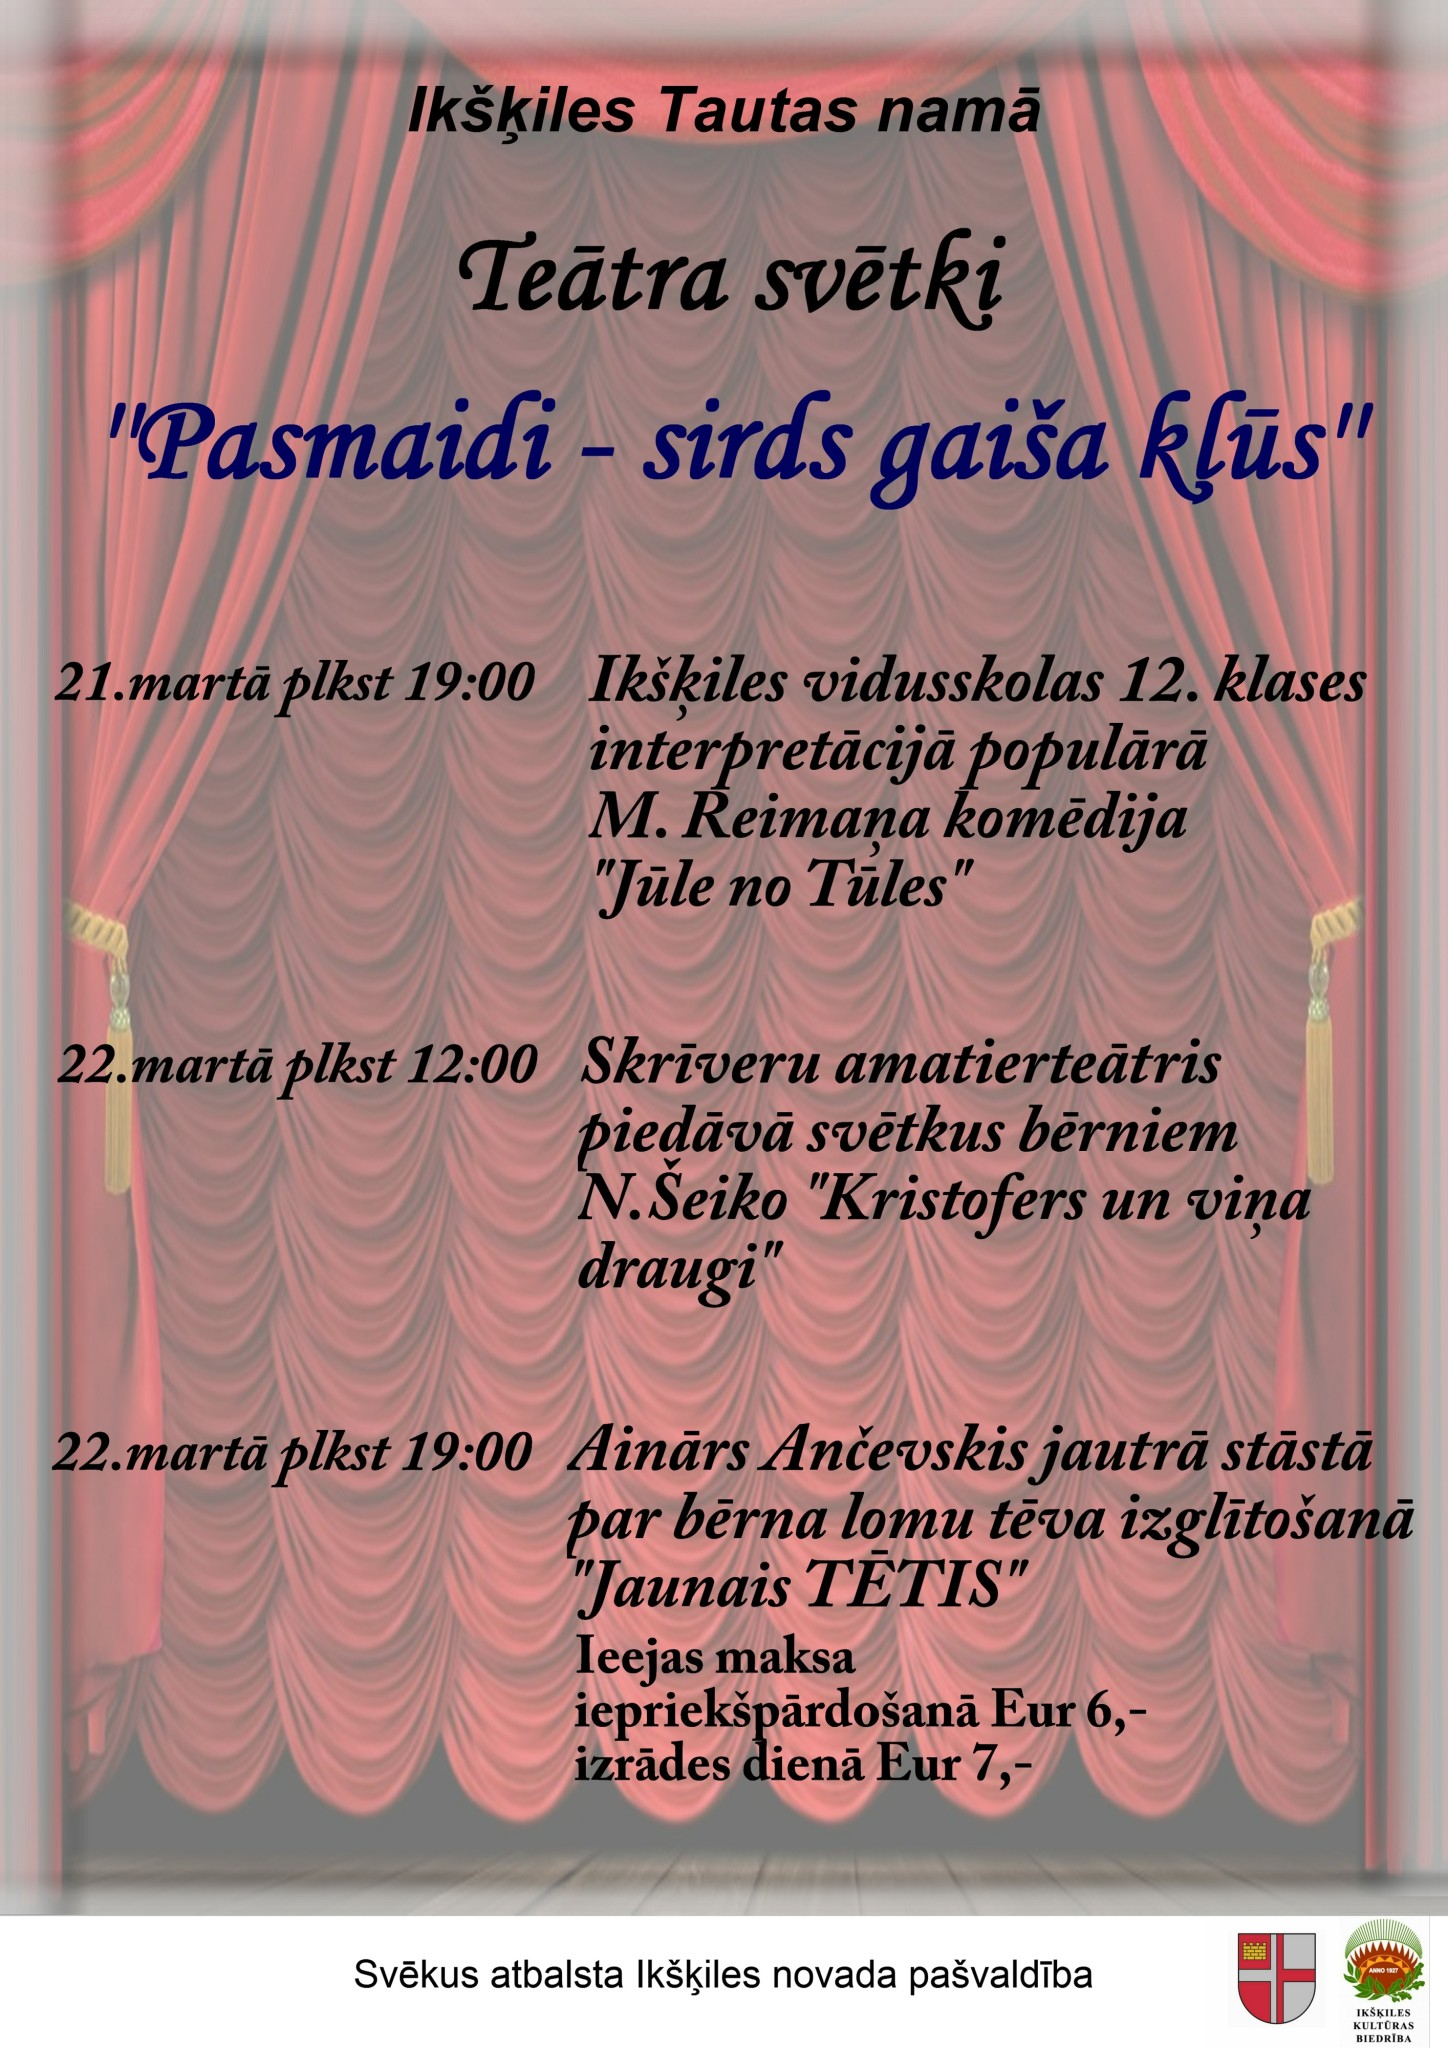 Teātra svētki Ikšķiles Tautas namā